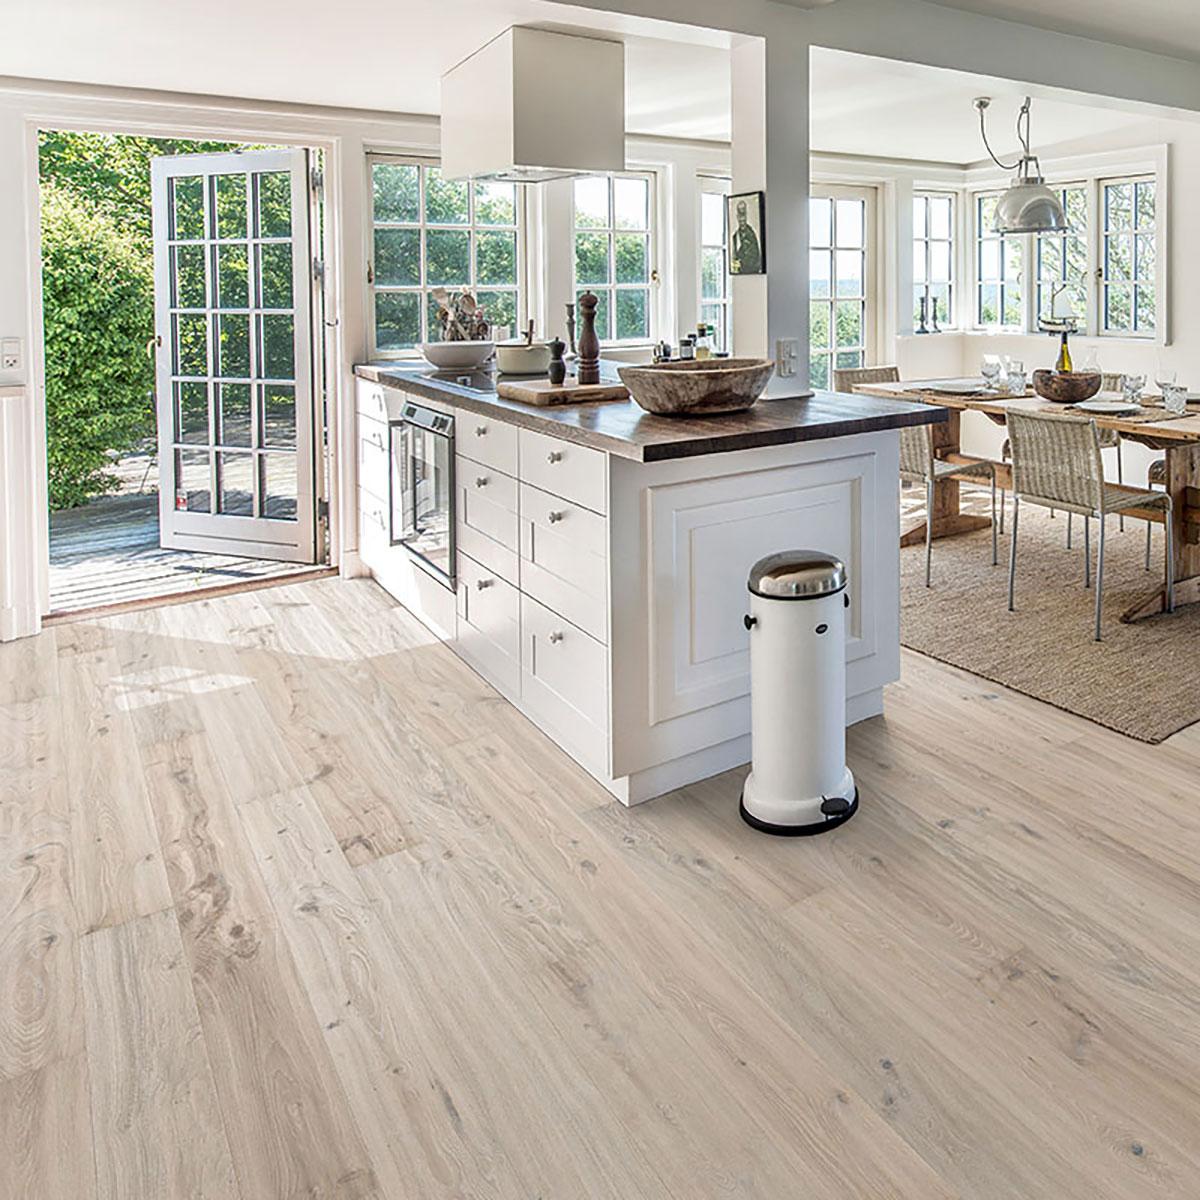 White Washed Oak Flooring Enhanced, Laminate Flooring White Washed Oak